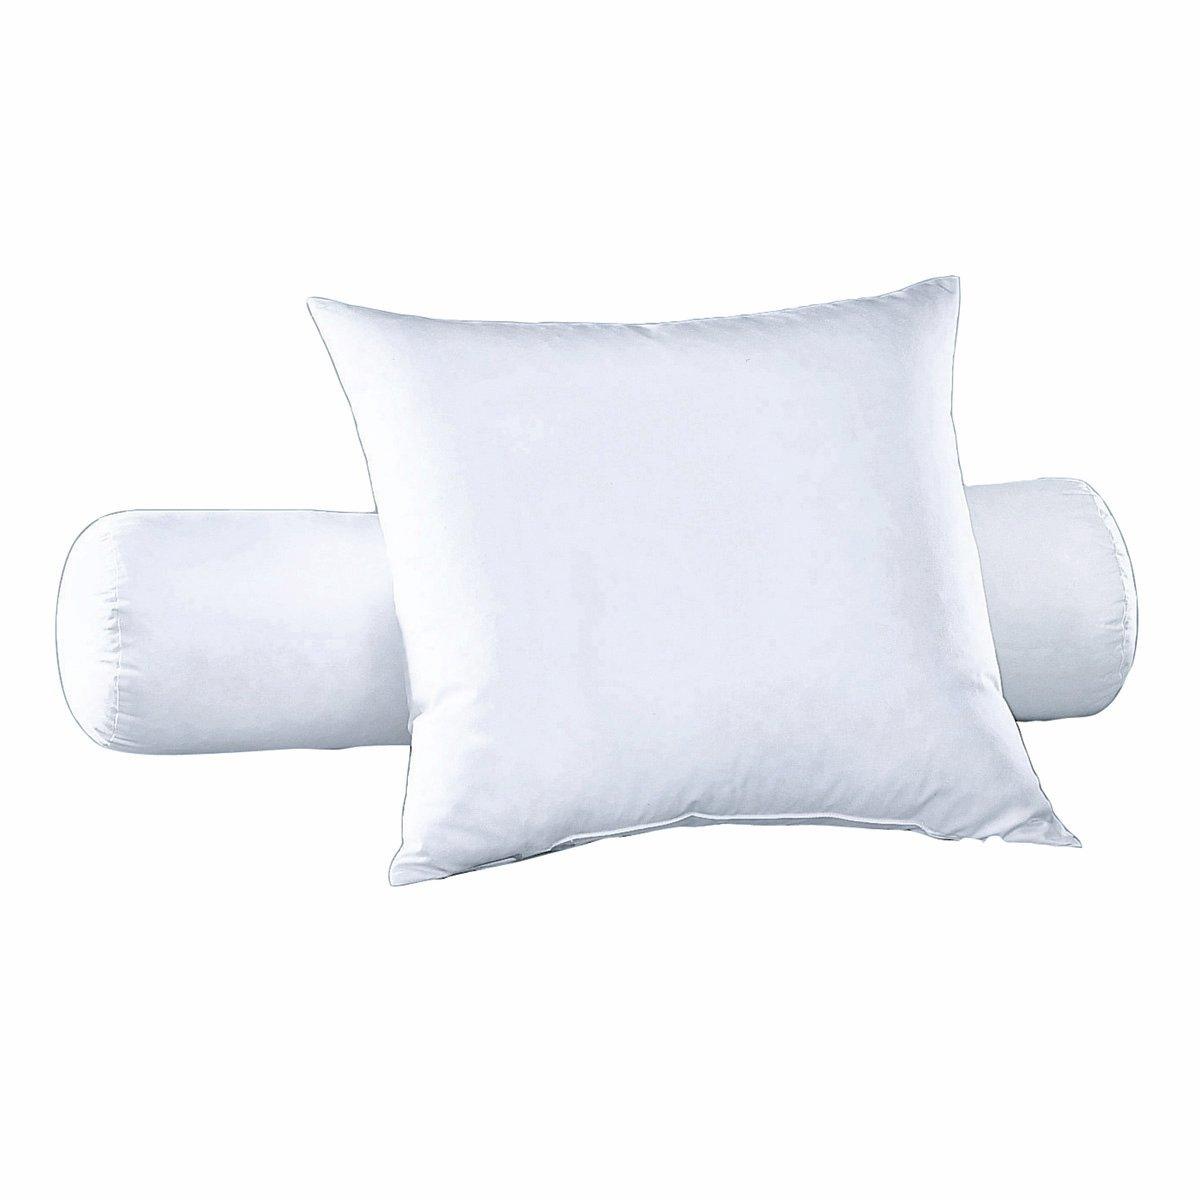 Валик с обработкойУдобная упругая подушка-валик, сохраняющая свои свойства долгое время   . Обработка Proneem (защита от клещей на 100 % на основе биоразлагаемых натуральных компонентов  .HOLLOFIL® ECO, Первое полиэстеровое волокно, отвечающее требованиям ECO LABEL EUROP?EN (организации, продвигающей использование наименее вредных для окружающей среды продуктов)   : . Этот наполнитель обеспечивает отличную поддержку и долговечен в использовании .             Чехол 50% хлопка, 50 % полиэстера  .             Машинная стирка при 40 °С.Биоцидная обработка                            Длина в см .<br><br>Цвет: белый<br>Размер: длина: 90 см.длина: 160 см